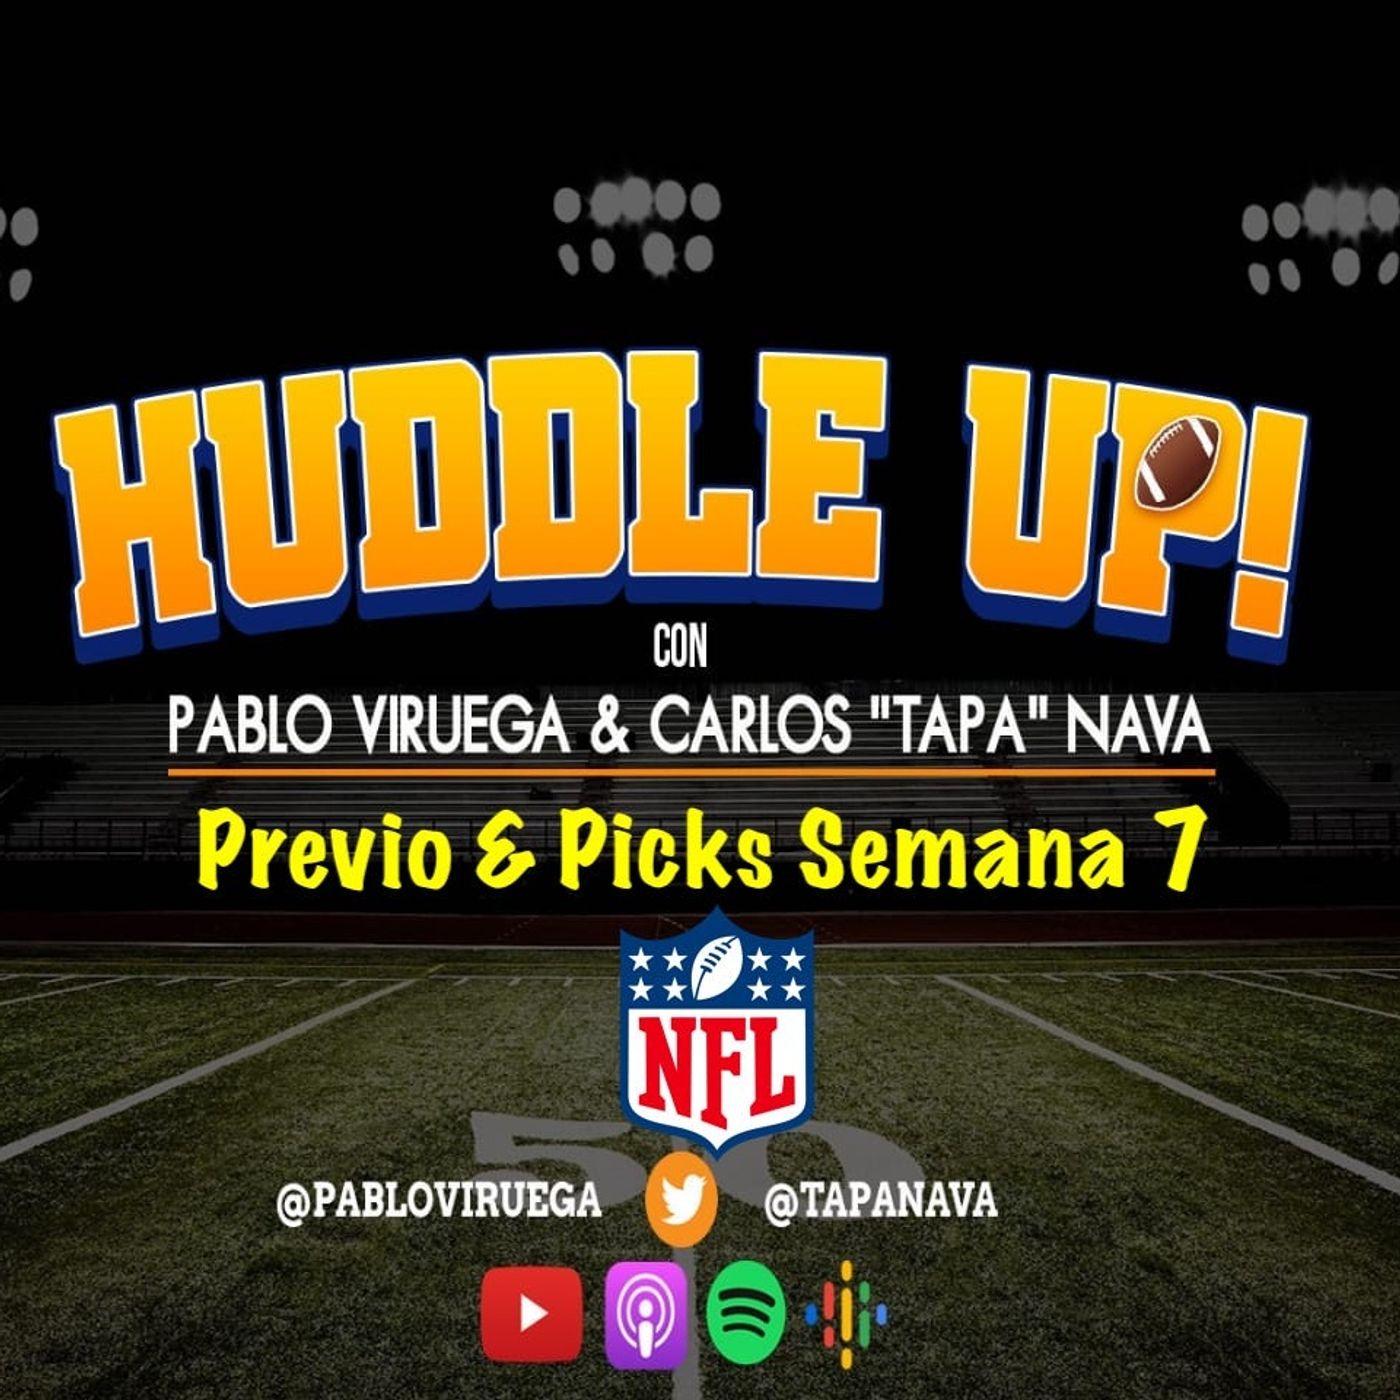 #HuddleUp Previo & #NFLPicks #NFL Semana 7 @TapaNava @PabloViruega